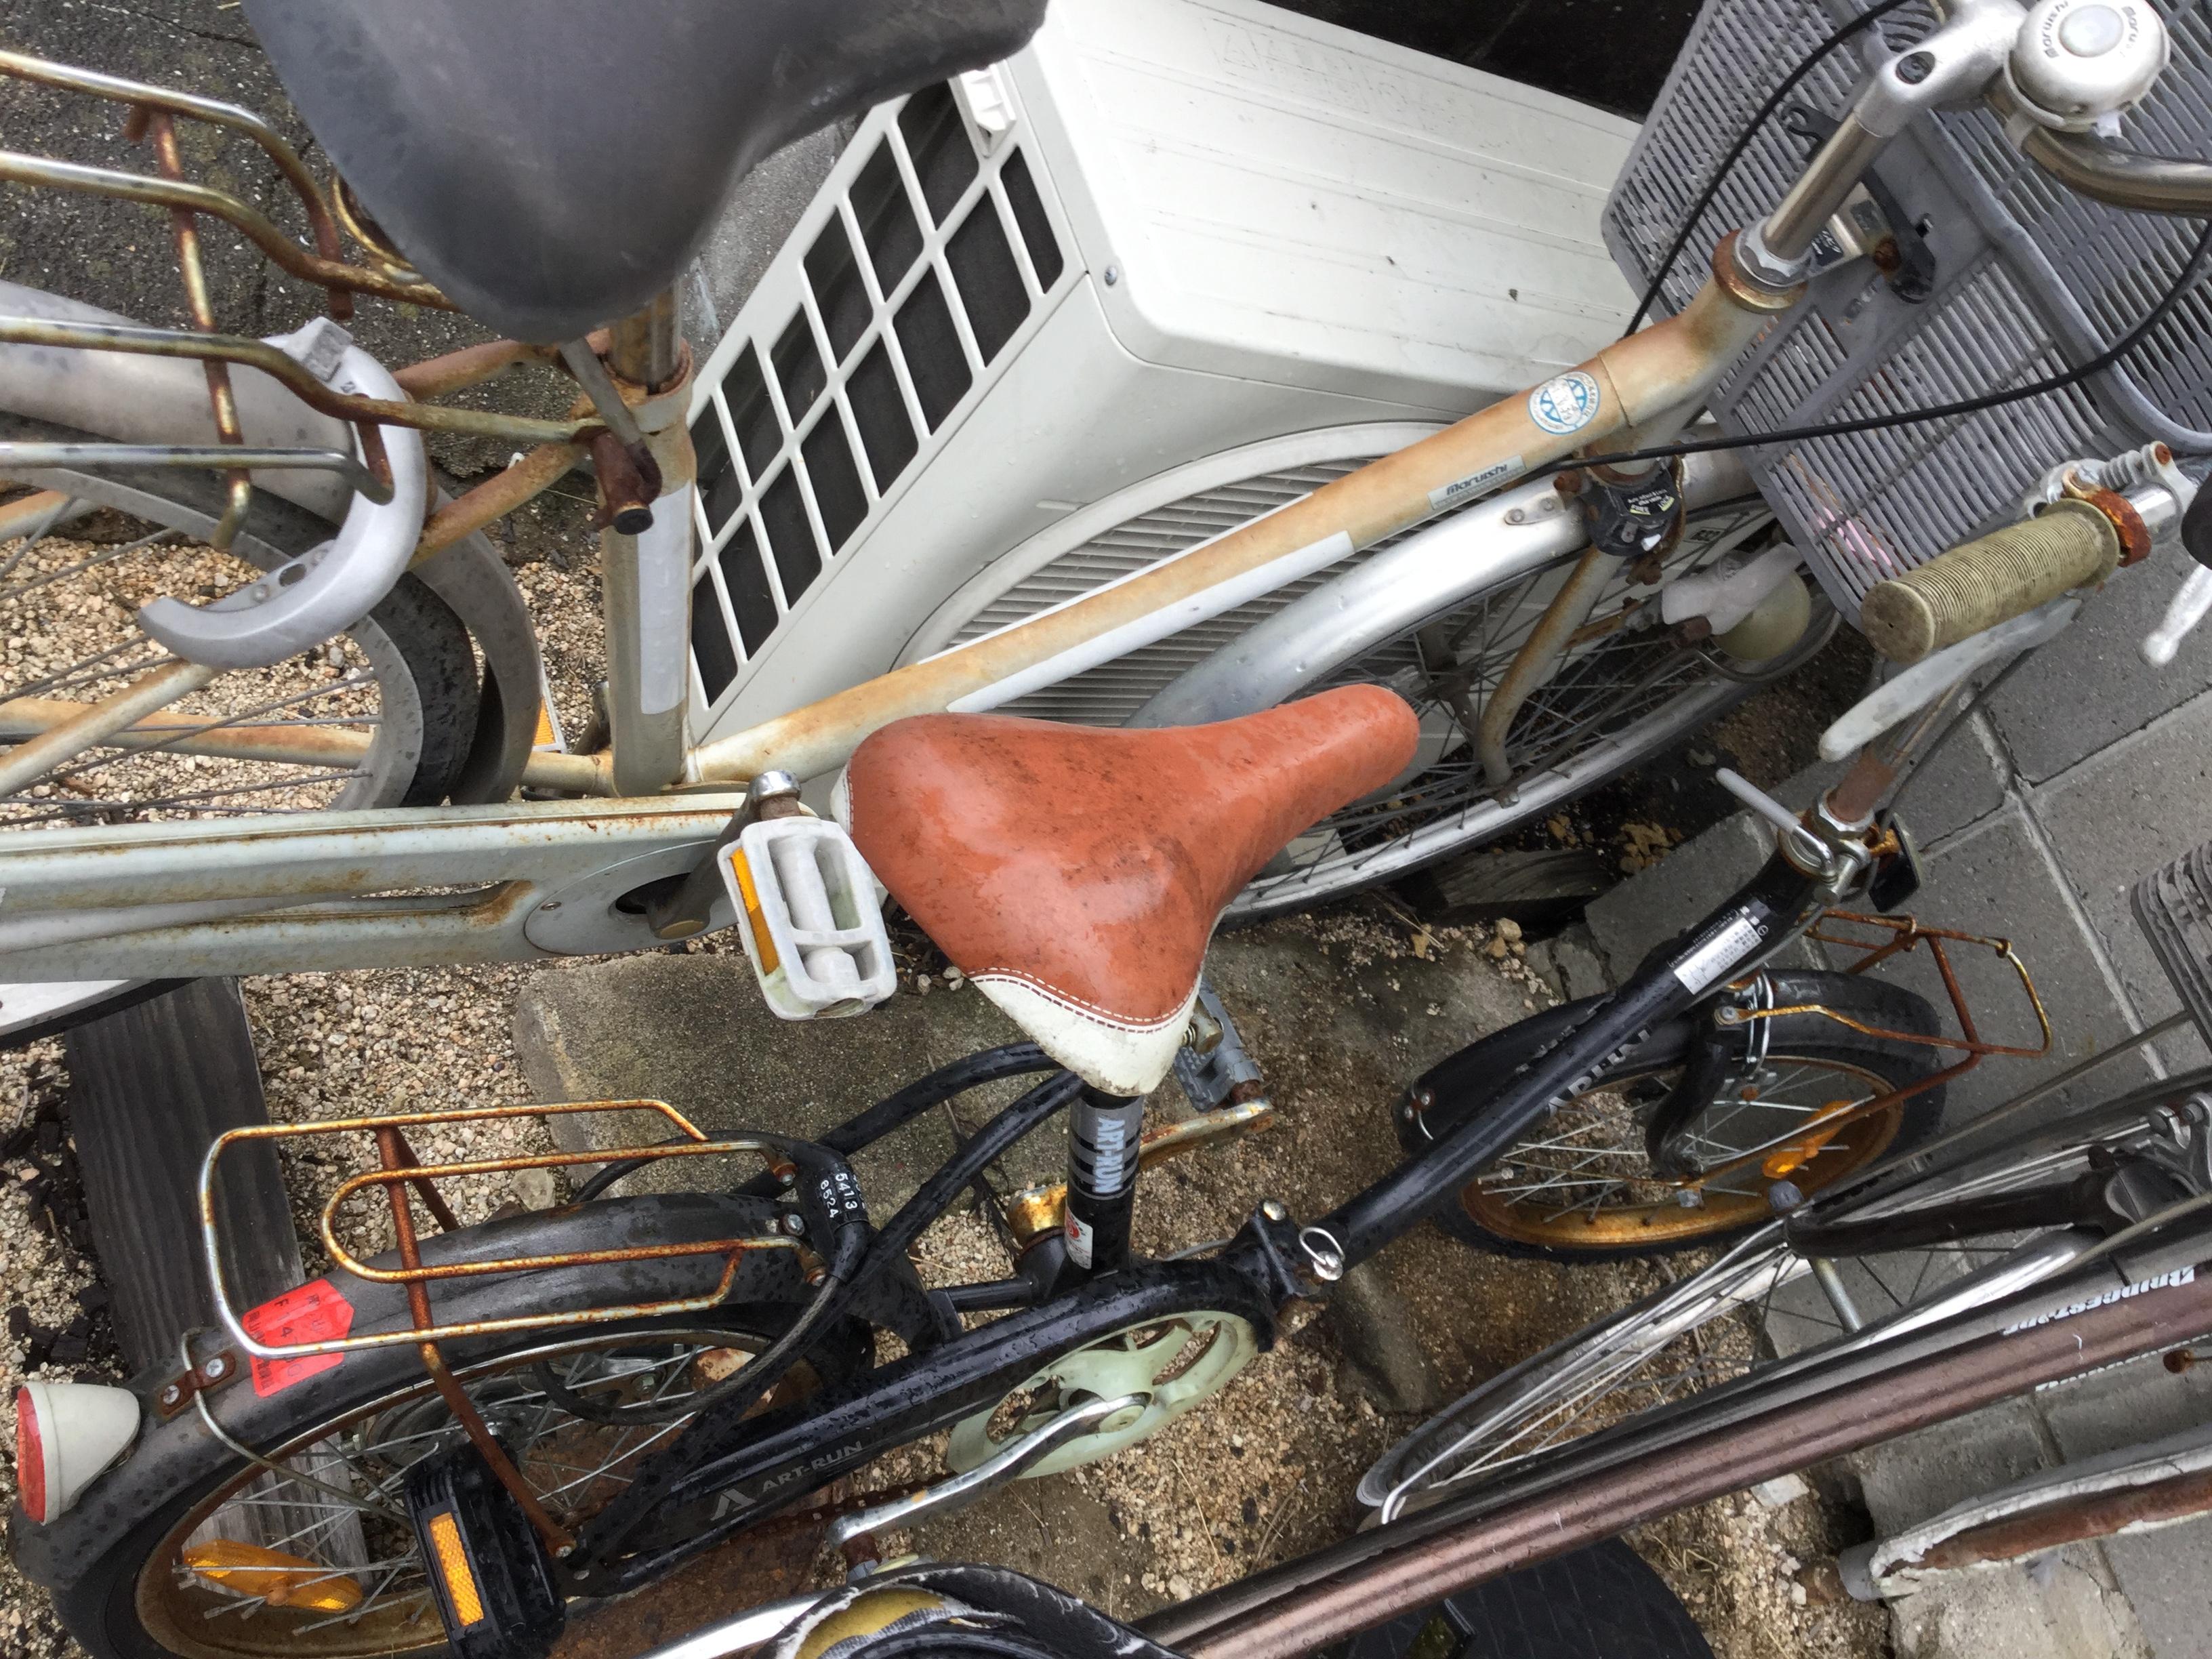 岡山市北区で不用品の回収・処分した自転車